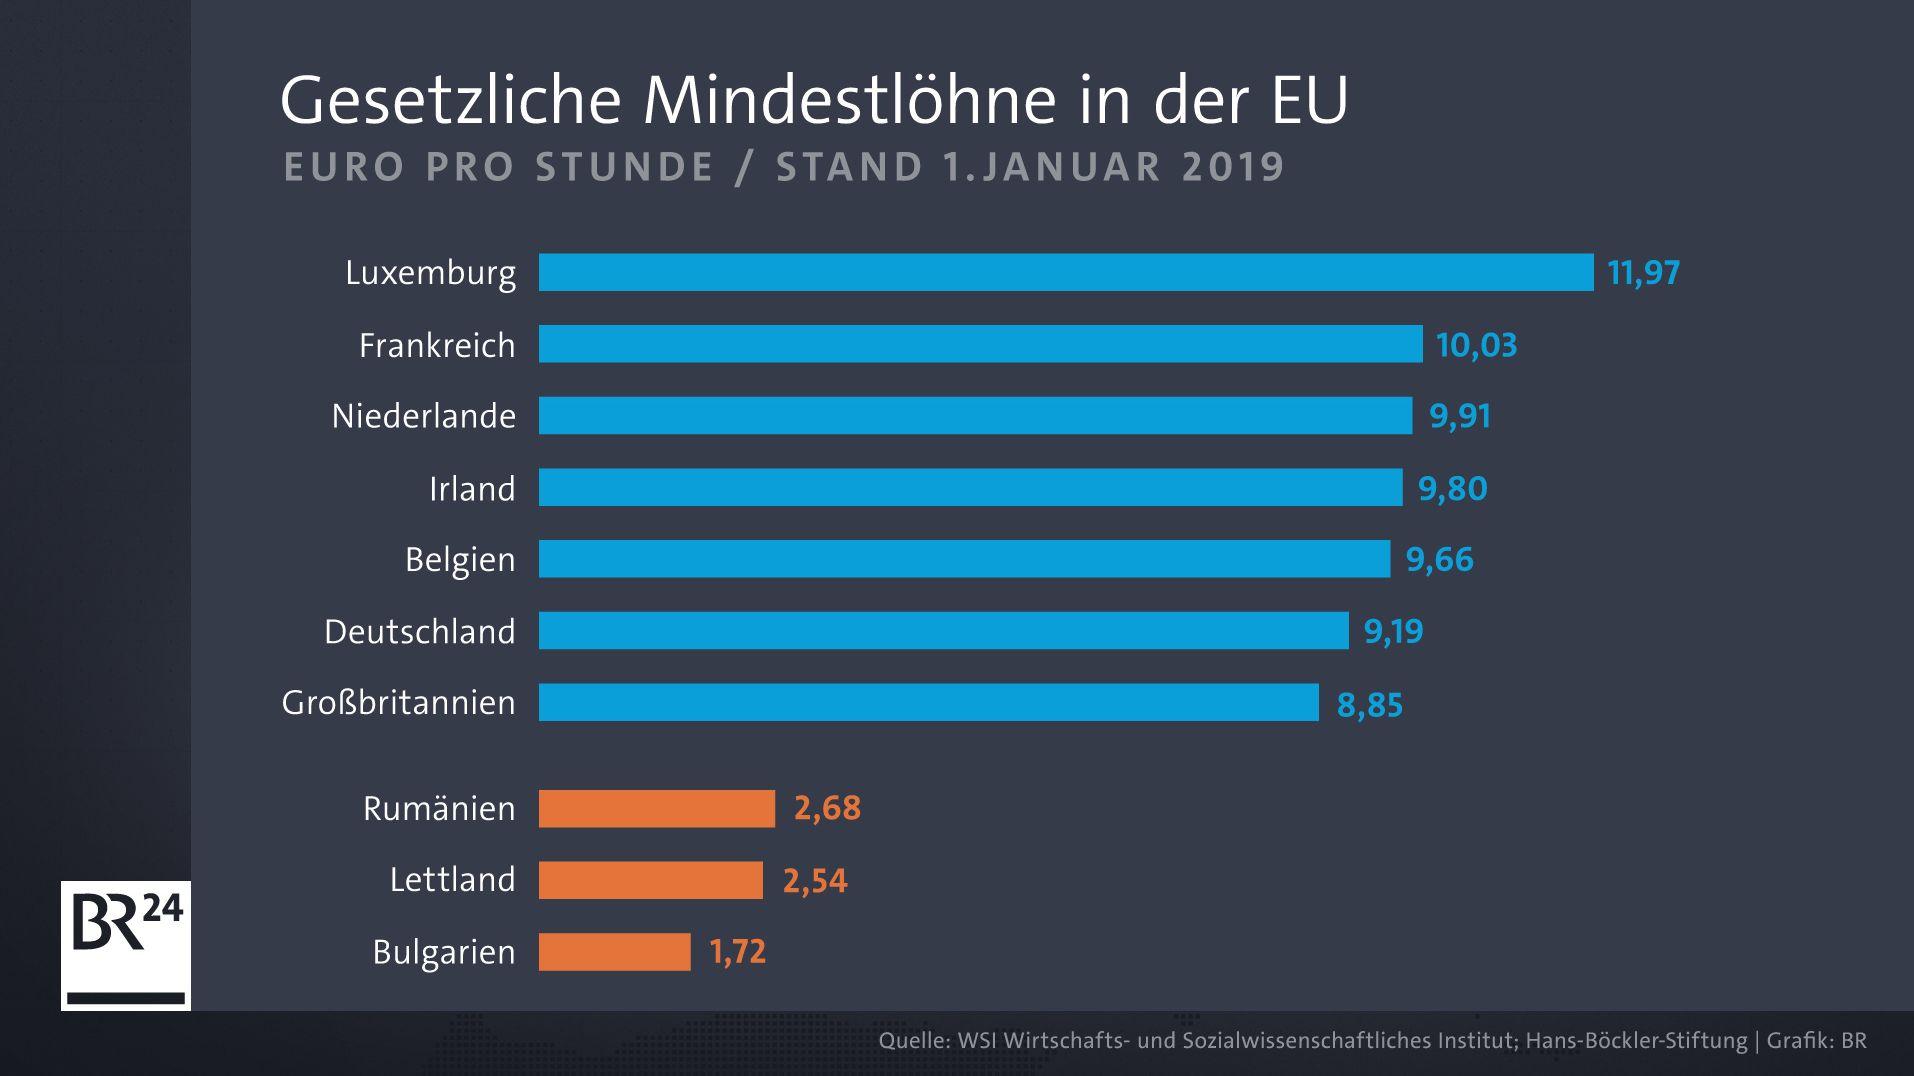 Gesetzliche Mindestlöhne in der EU